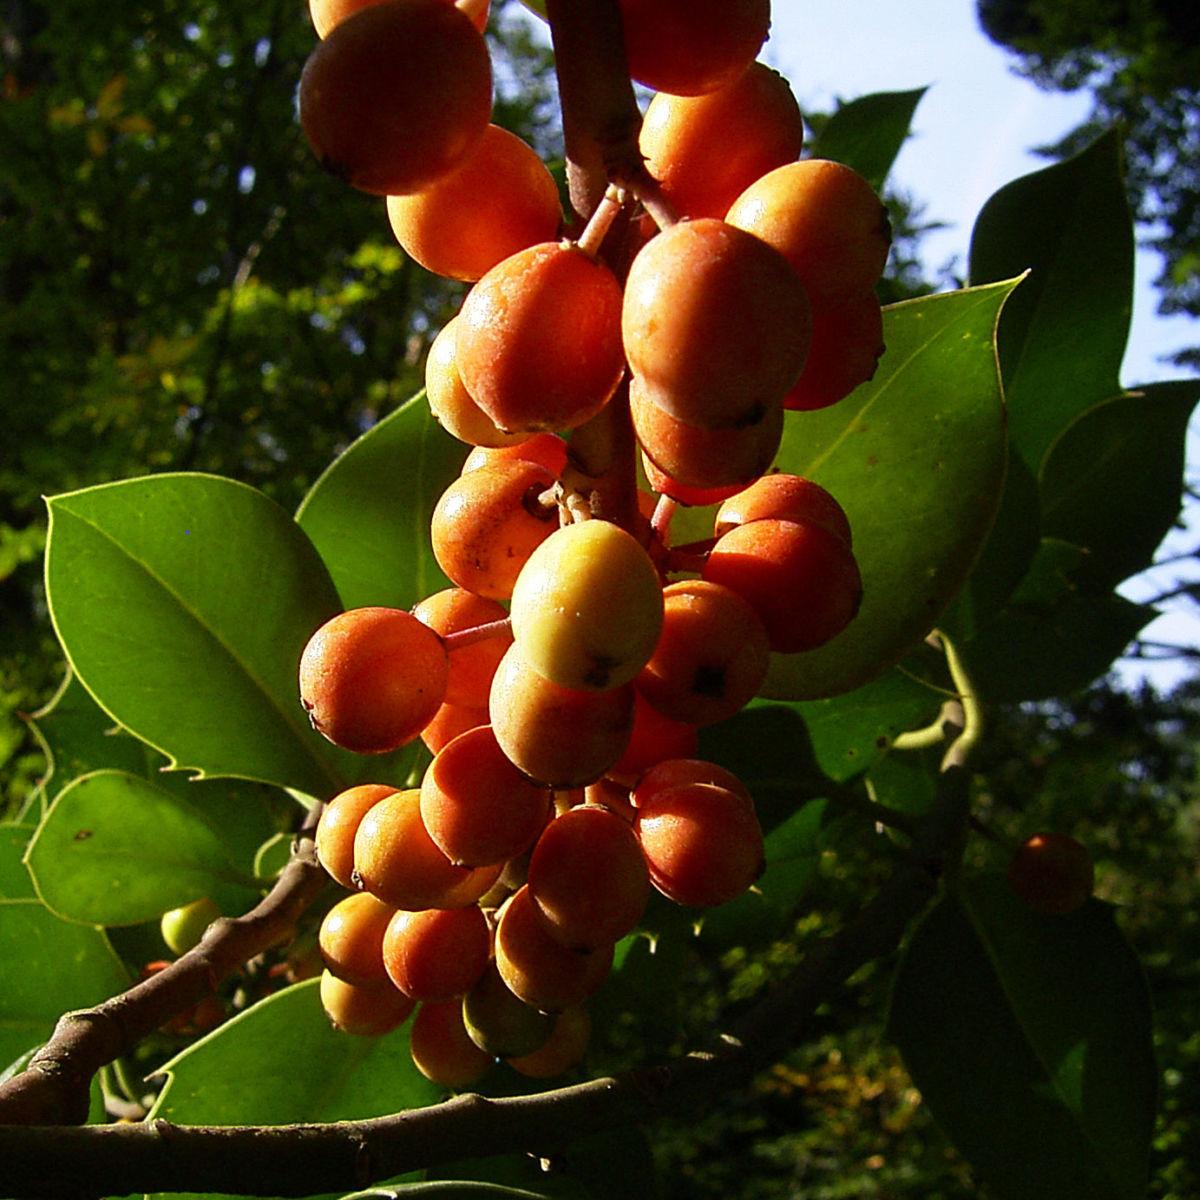 Gemeine Stechpalme Frucht orange Ilex aquifolium